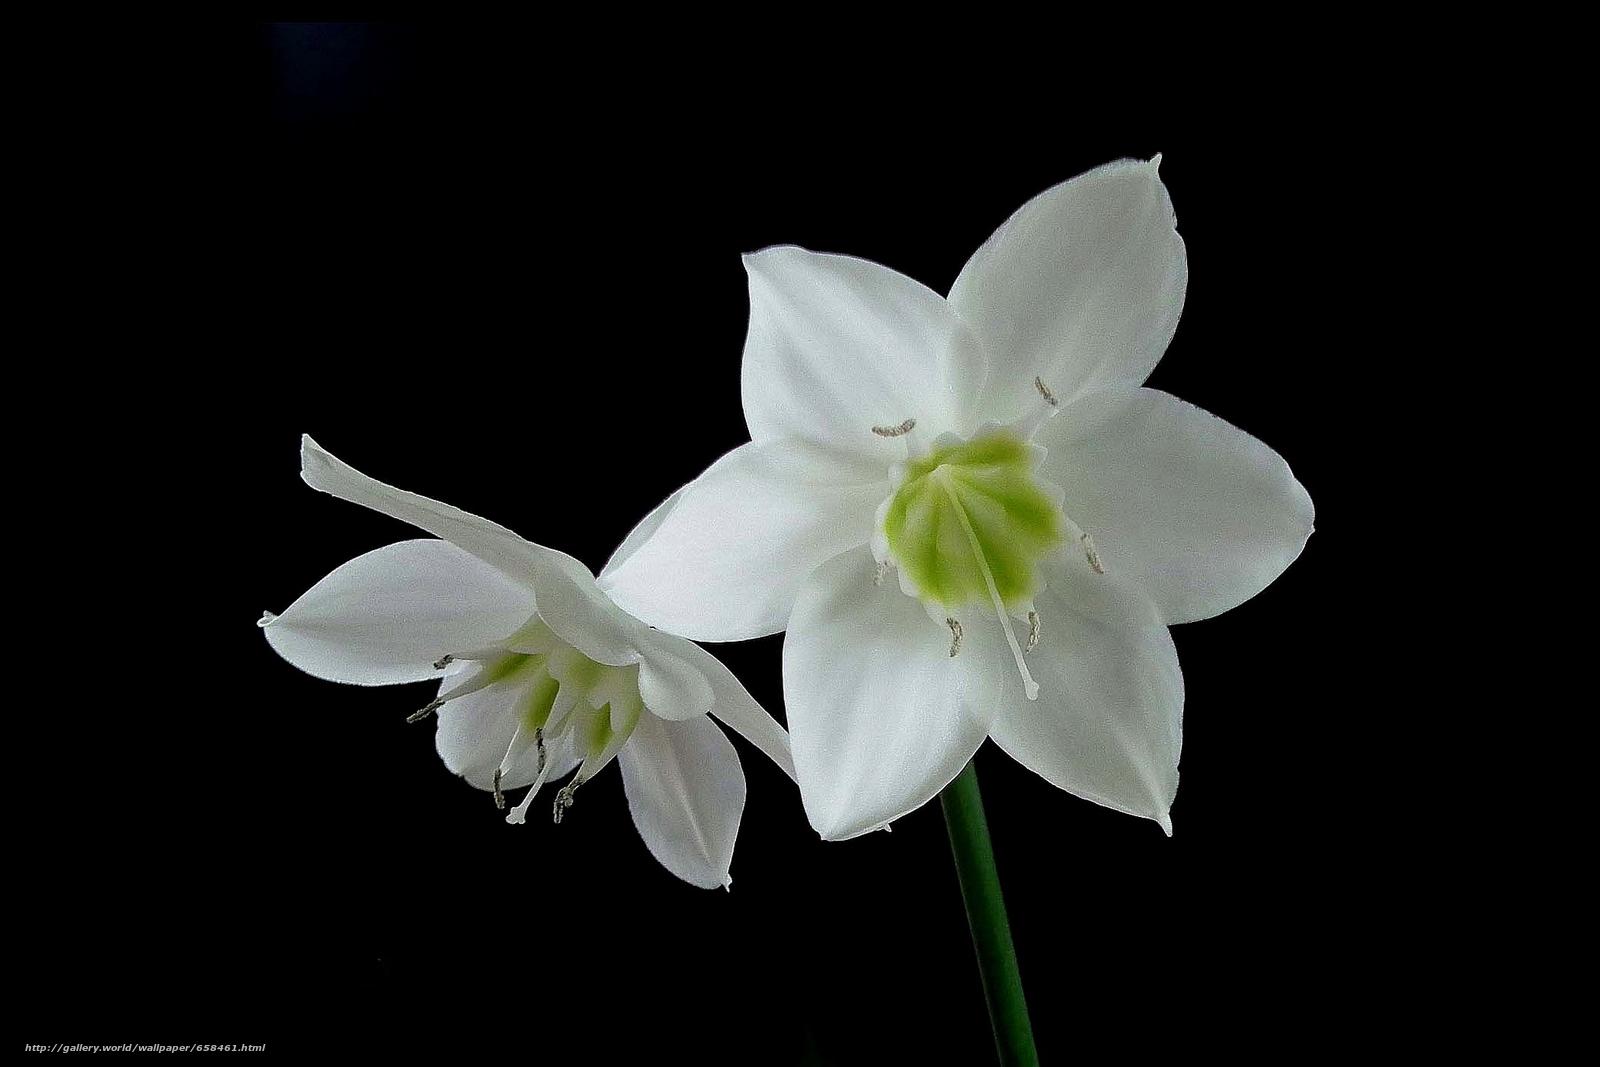 Скачать обои цветок,  цветы,  флора бесплатно для рабочего стола в разрешении 2100x1400 — картинка №658461